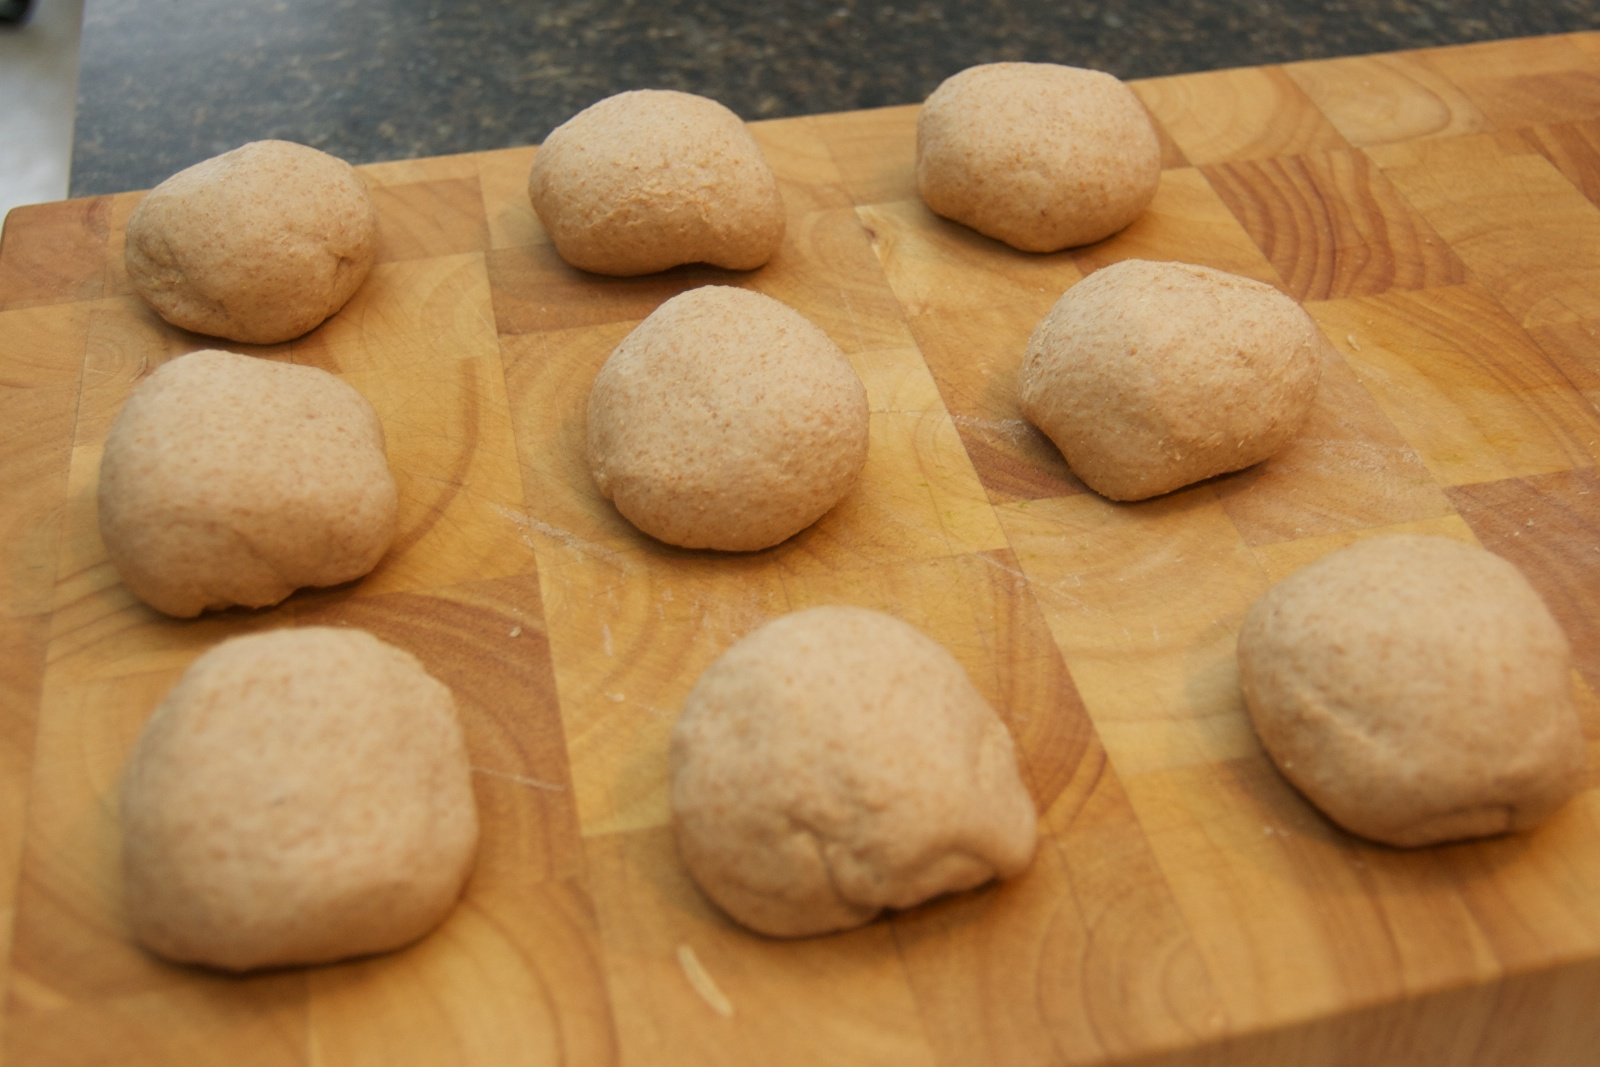 http://blog.rickk.com/food/2011/01/14/bagel1.jpg